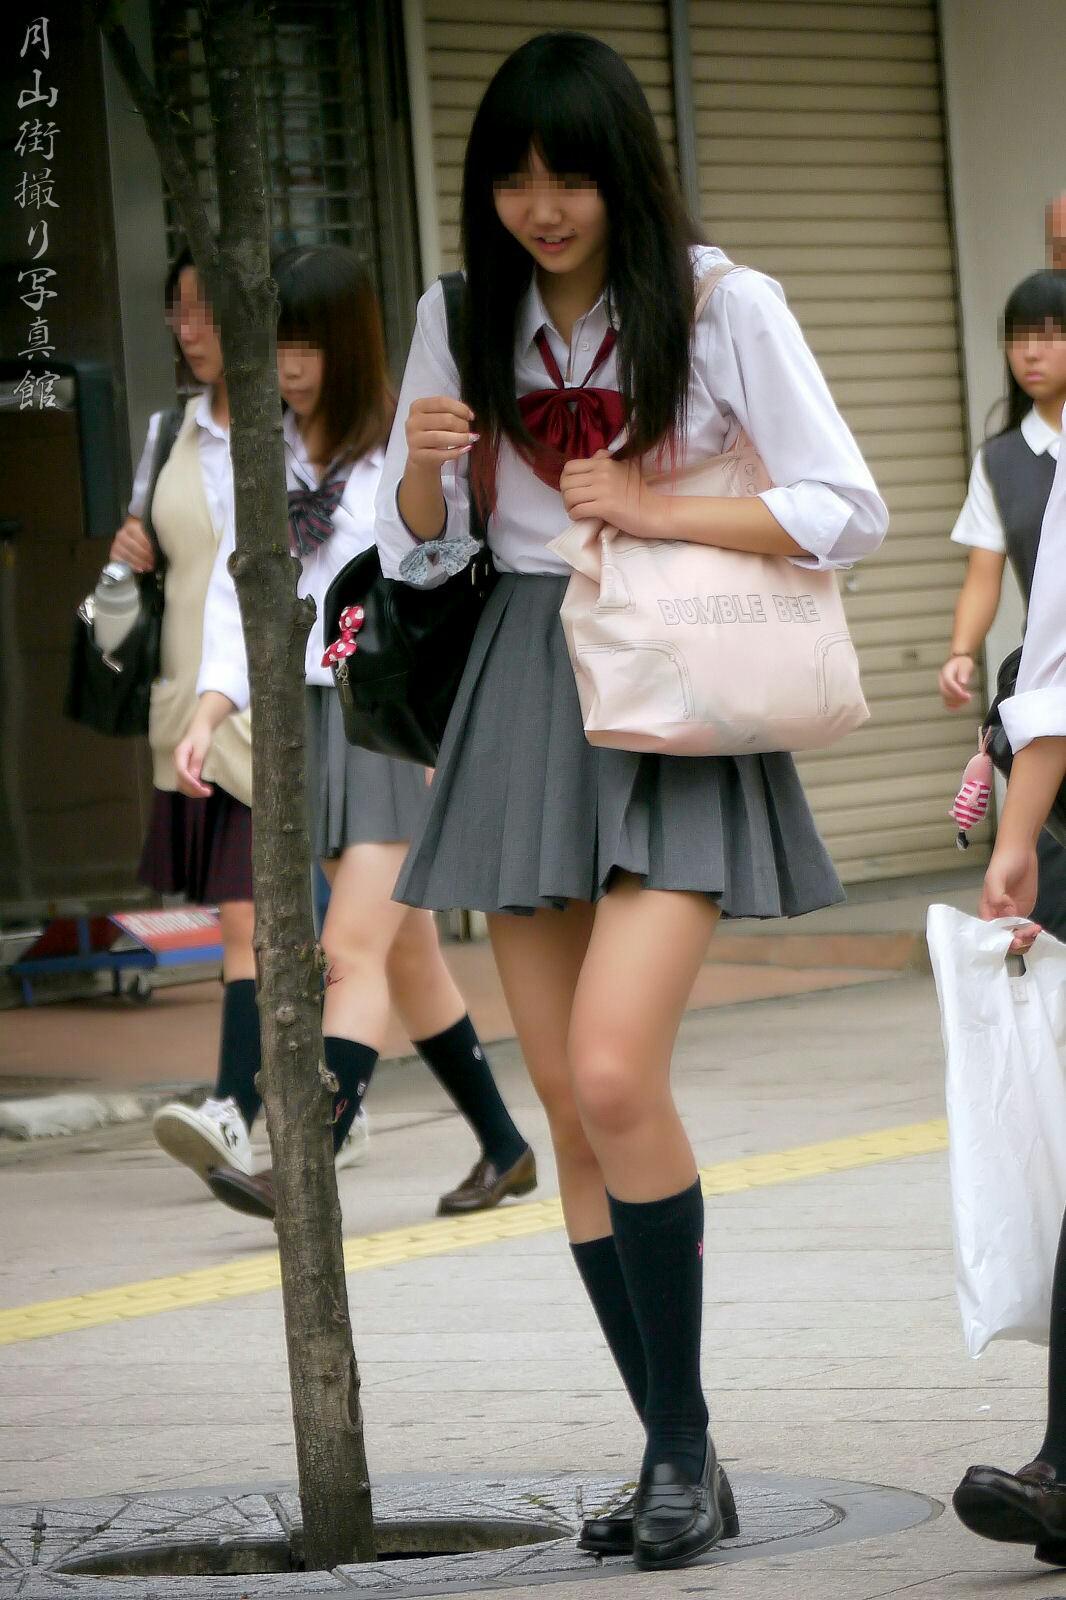 季節の変わり目にJKの制服姿が変化する街撮り画像wwwwwww WvVK8RR